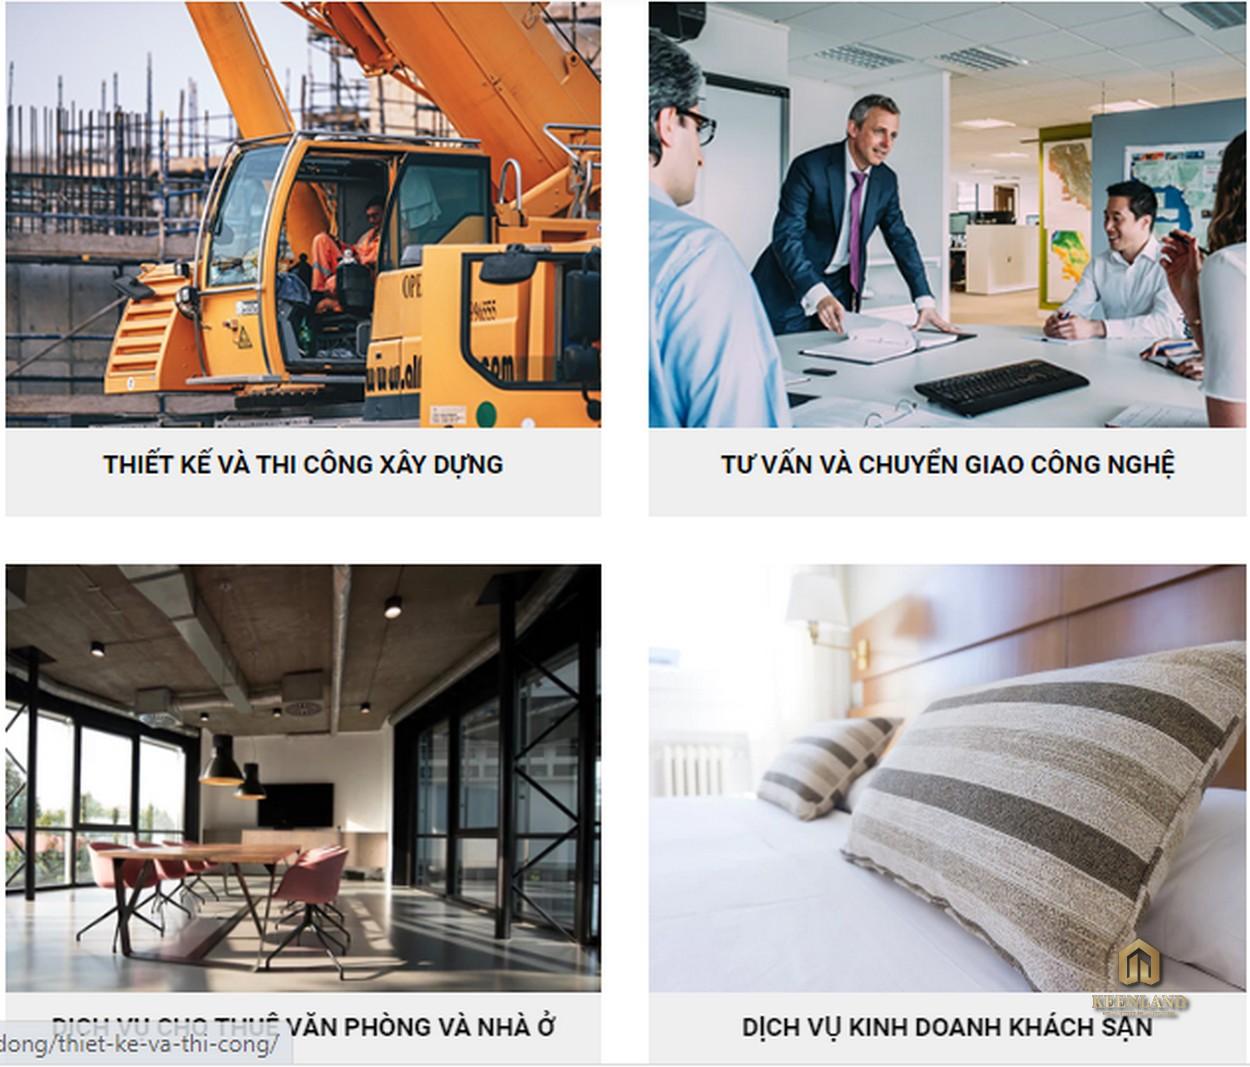 Các lĩnh vực hoạt động của công ty cổ phần địa ốc Bcons